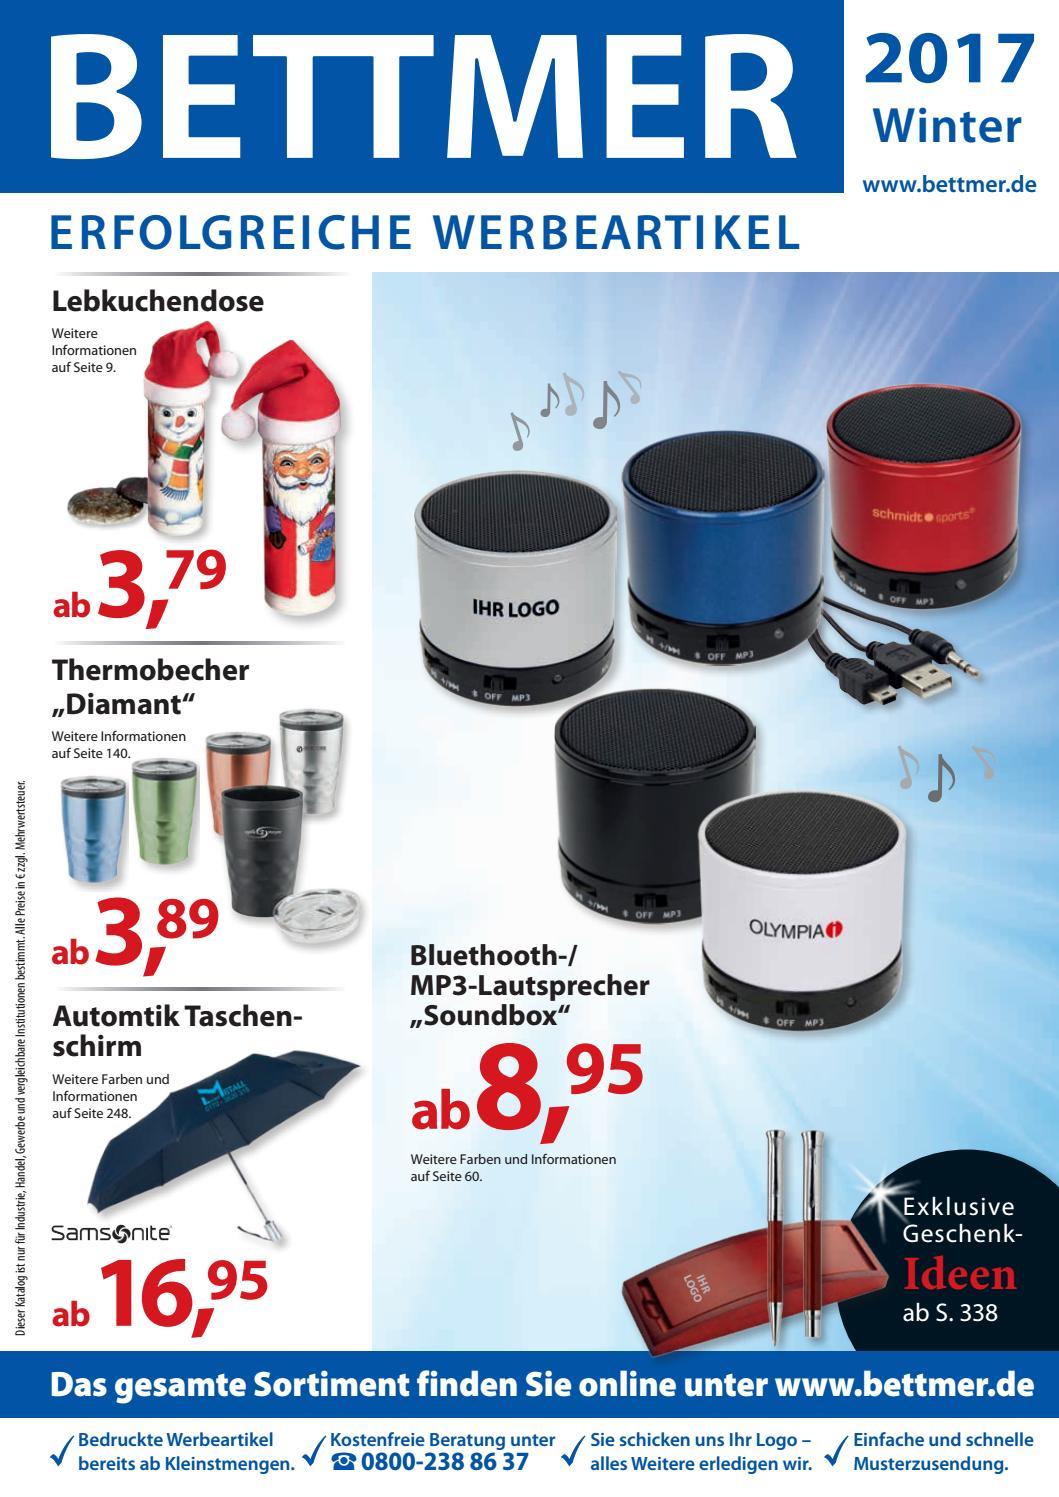 BETTMER Katalog Winter 2017 by Bettmer GmbH - issuu